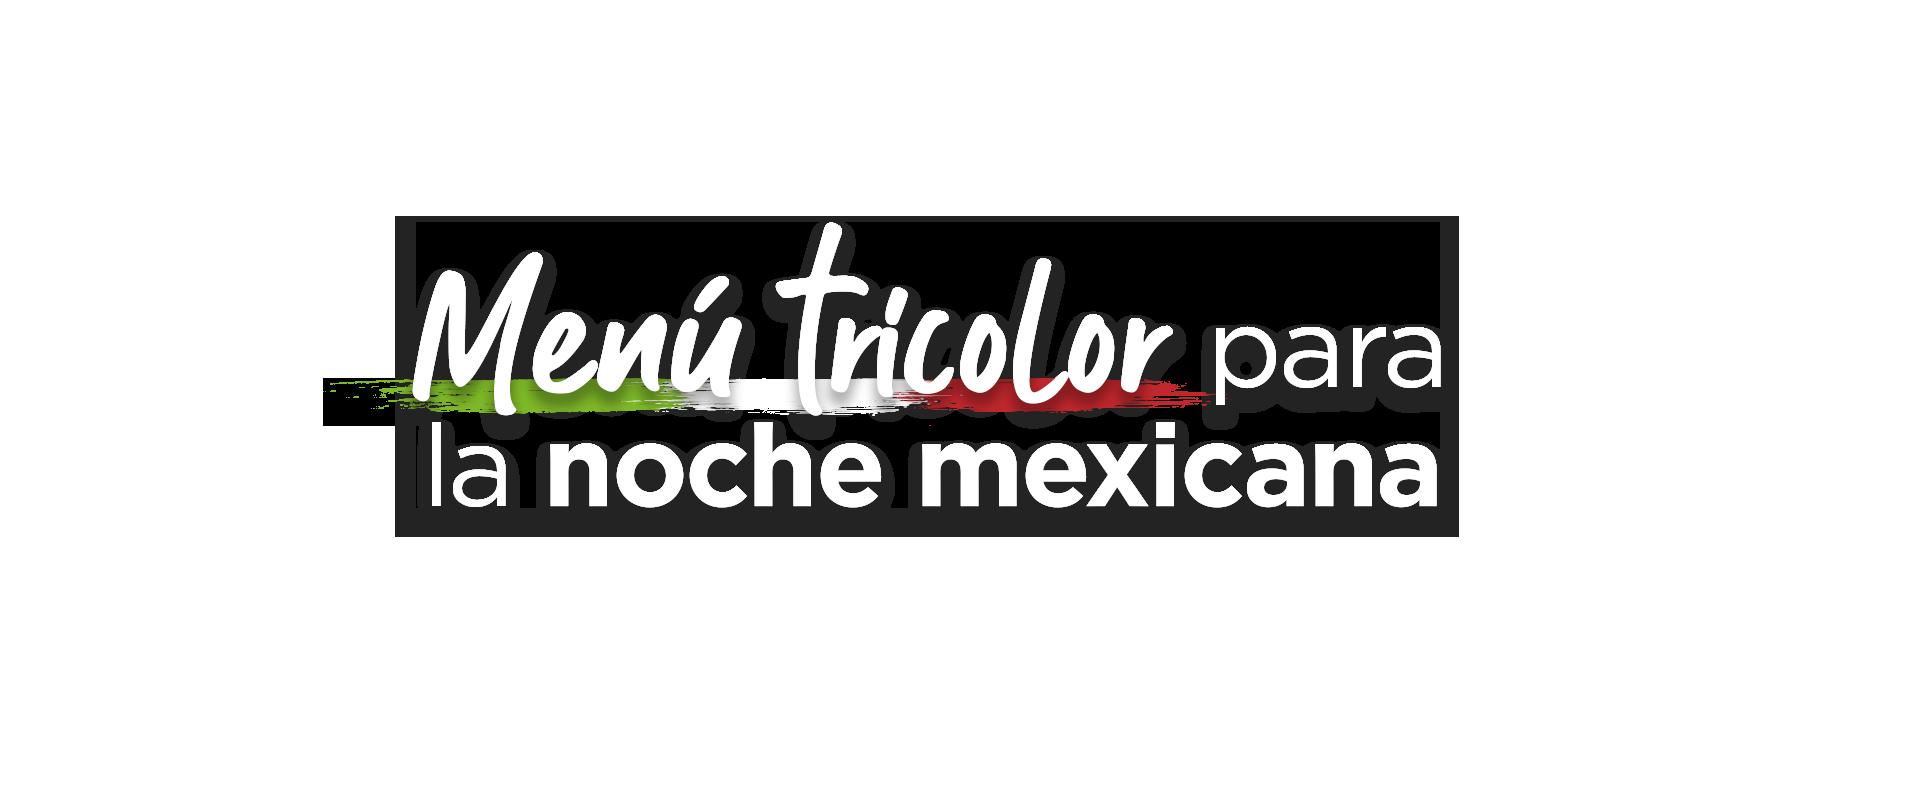 Menú tricolor para la noche mexicana